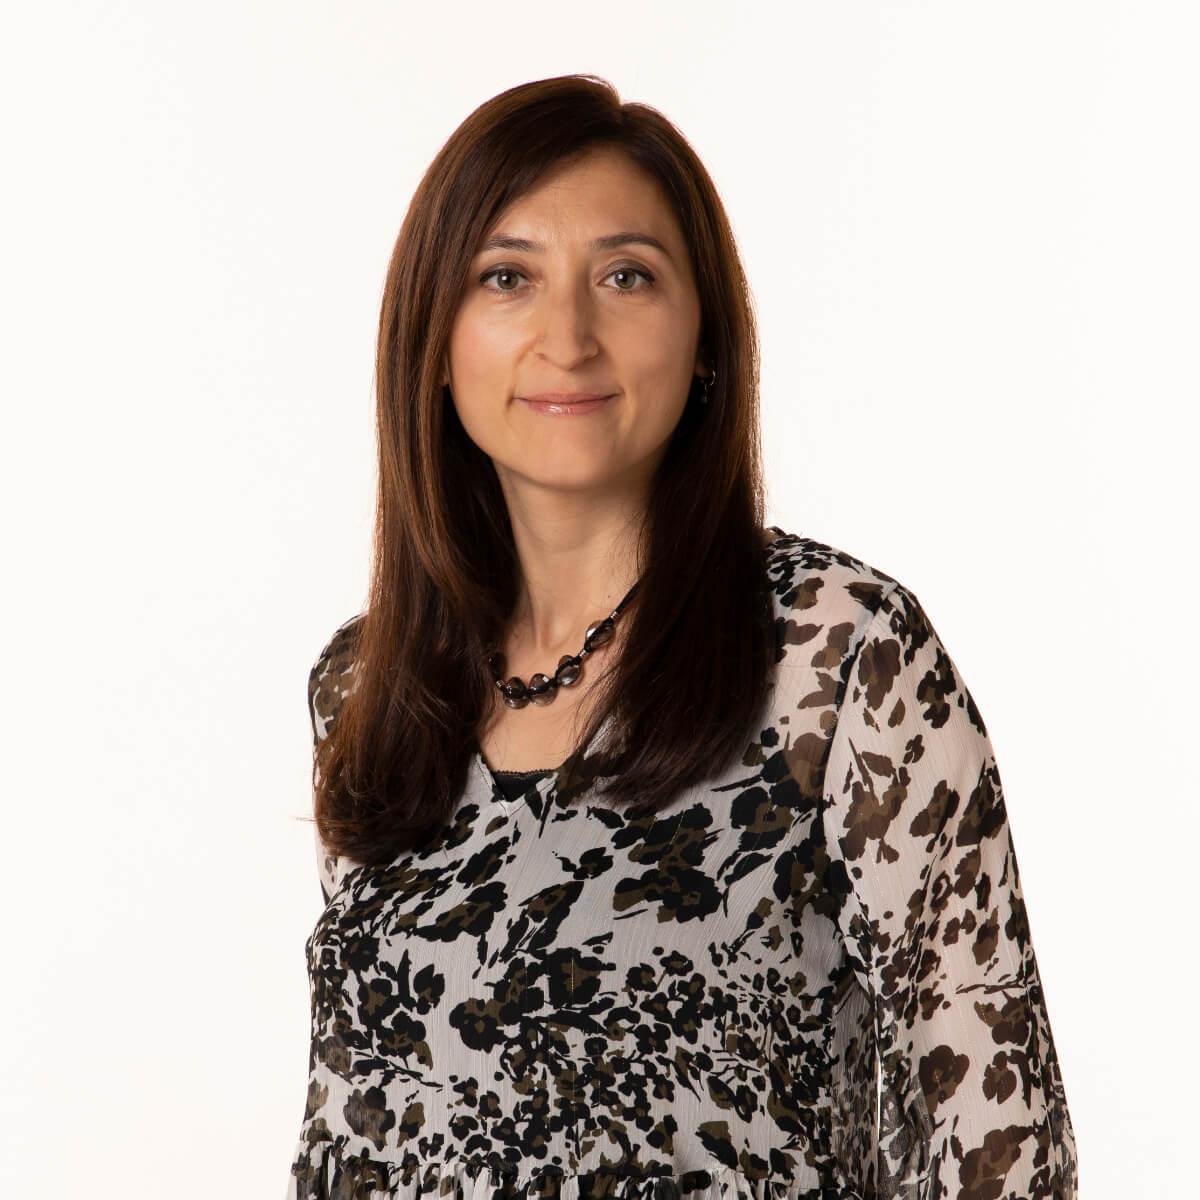 Elif Ozcelik